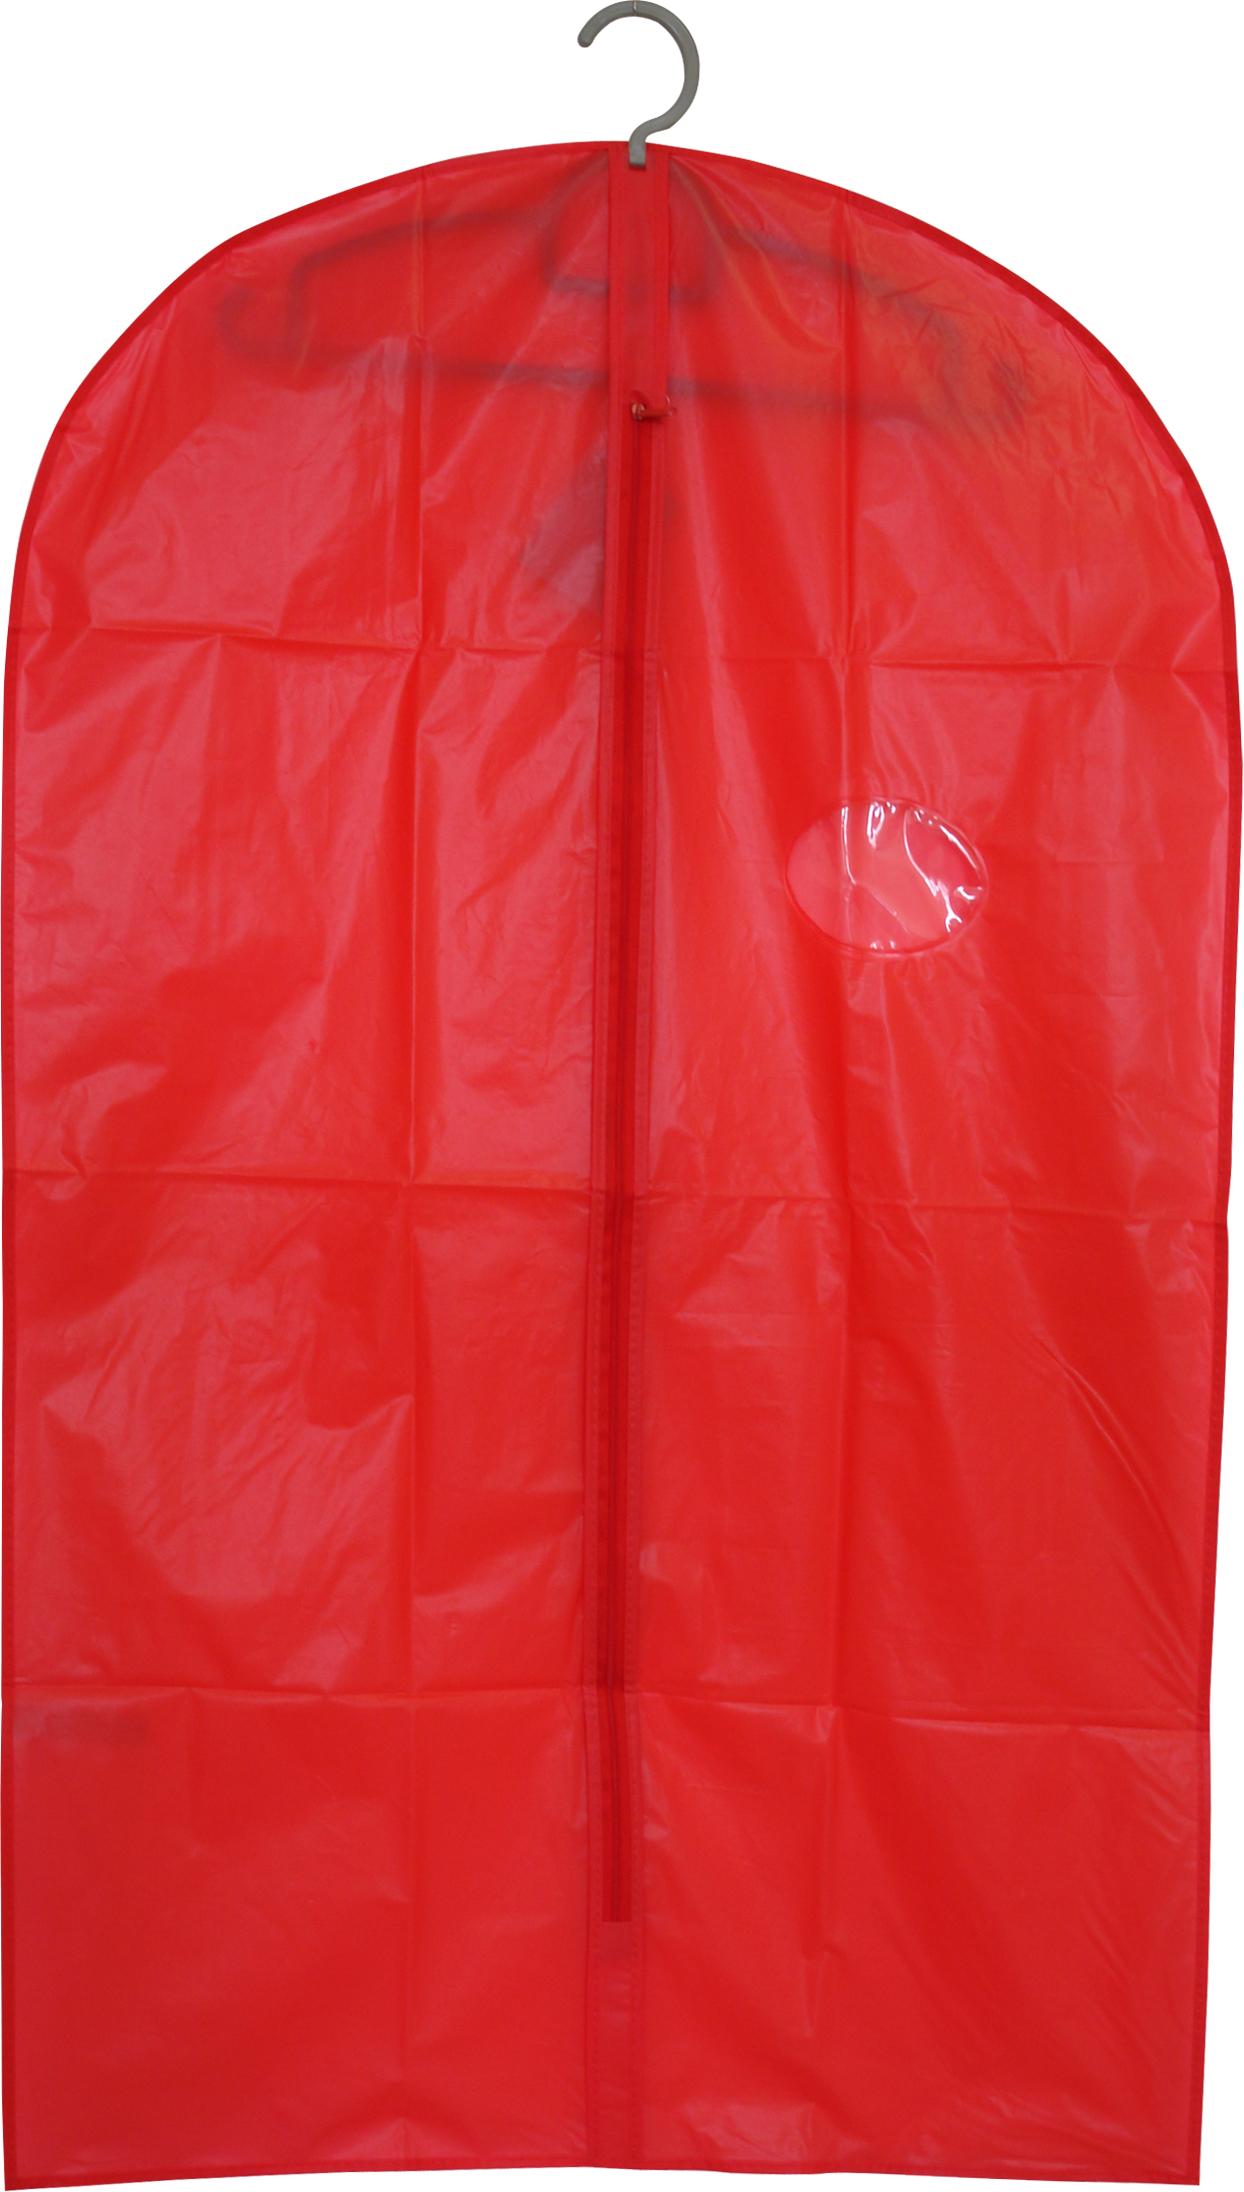 Емкости для хранения одежды Рыжий кот Real Brand Technics 75.000